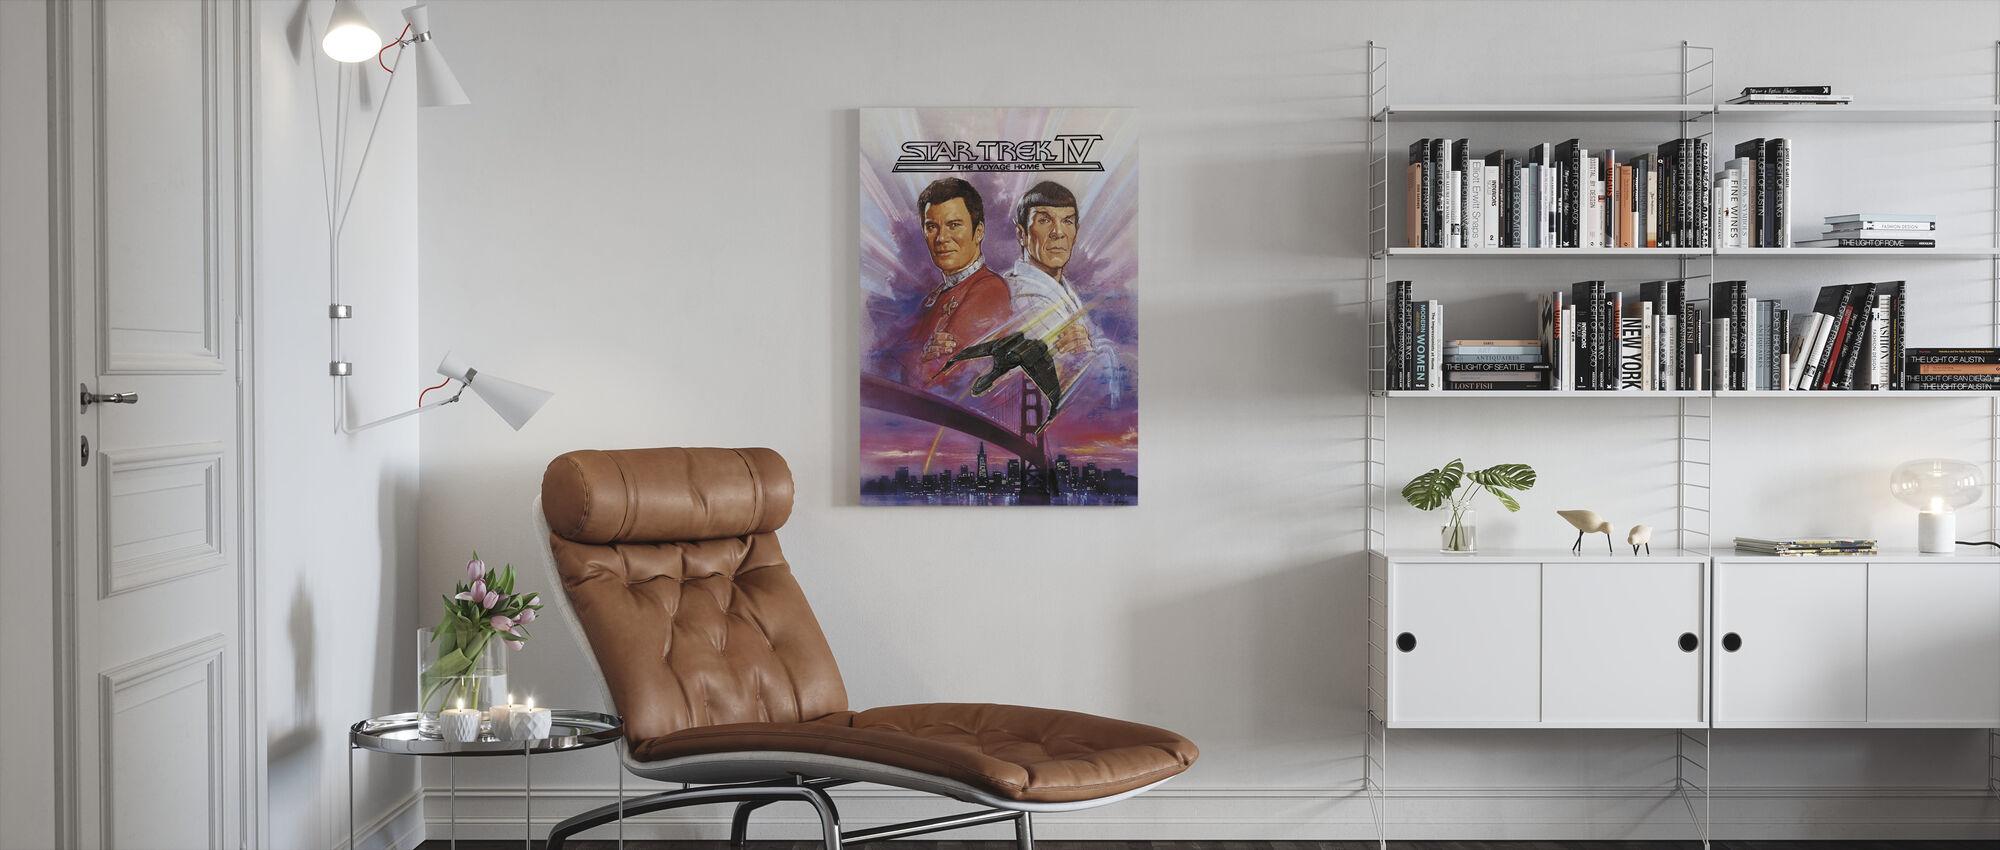 Reis naar huis - Canvas print - Woonkamer